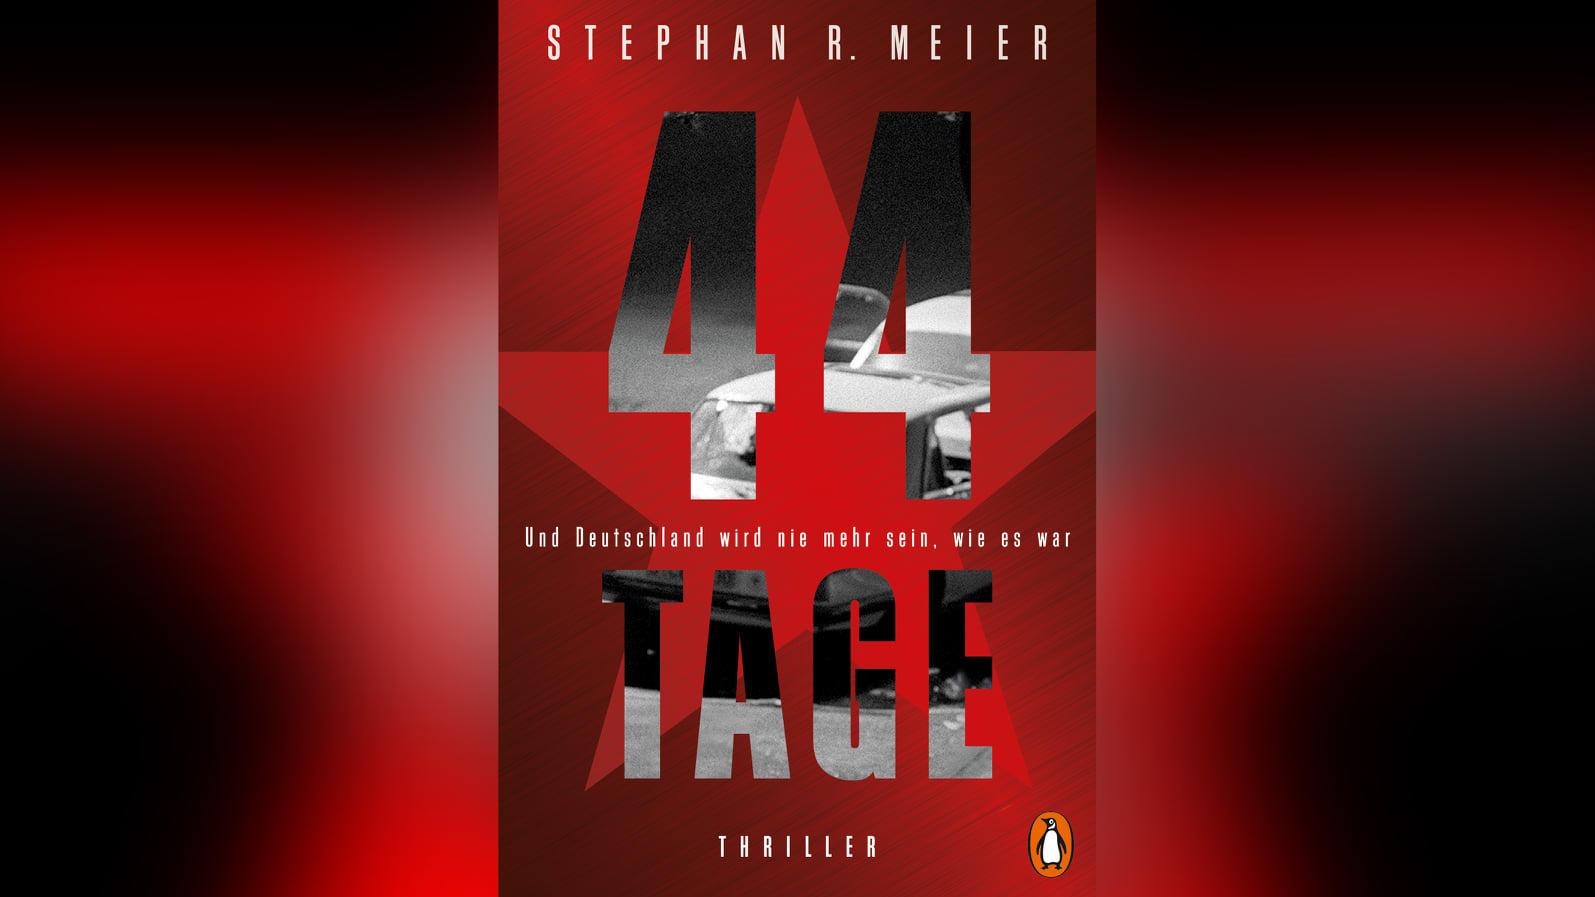 44 Tage von Stephan R. Meier im Check - warum dieses Buch wichtig ist